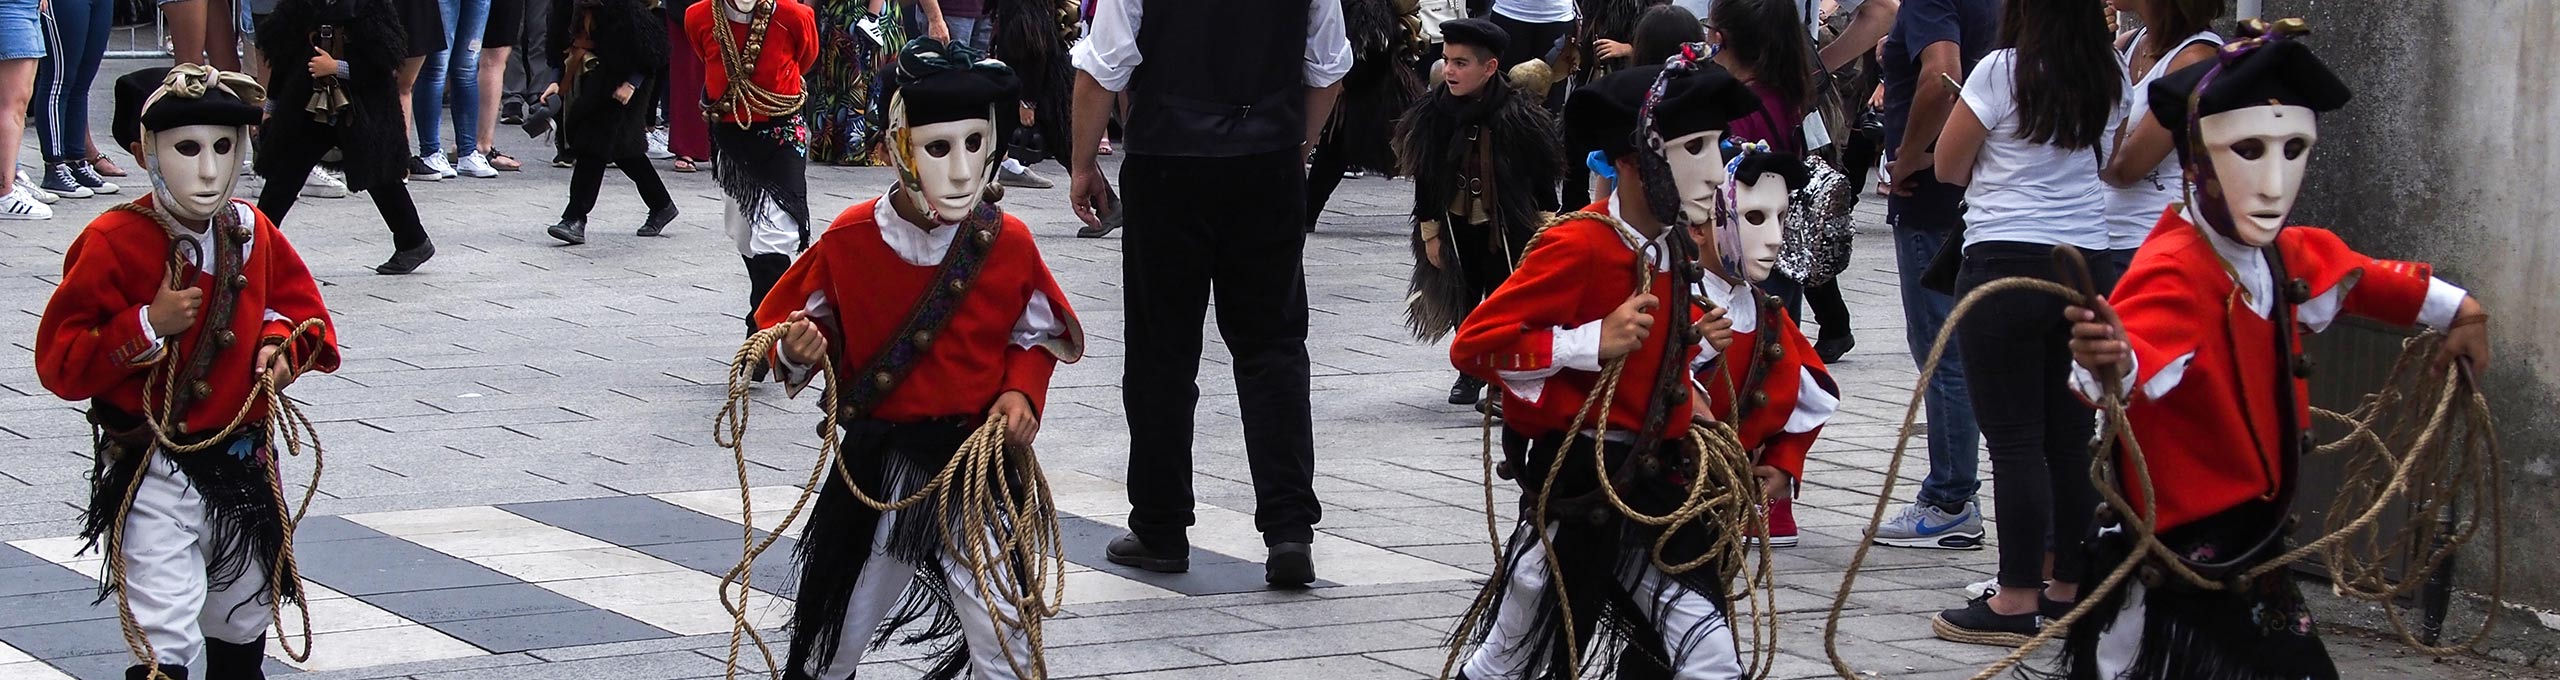 Nuoro, maschere tipiche, MaMuMask